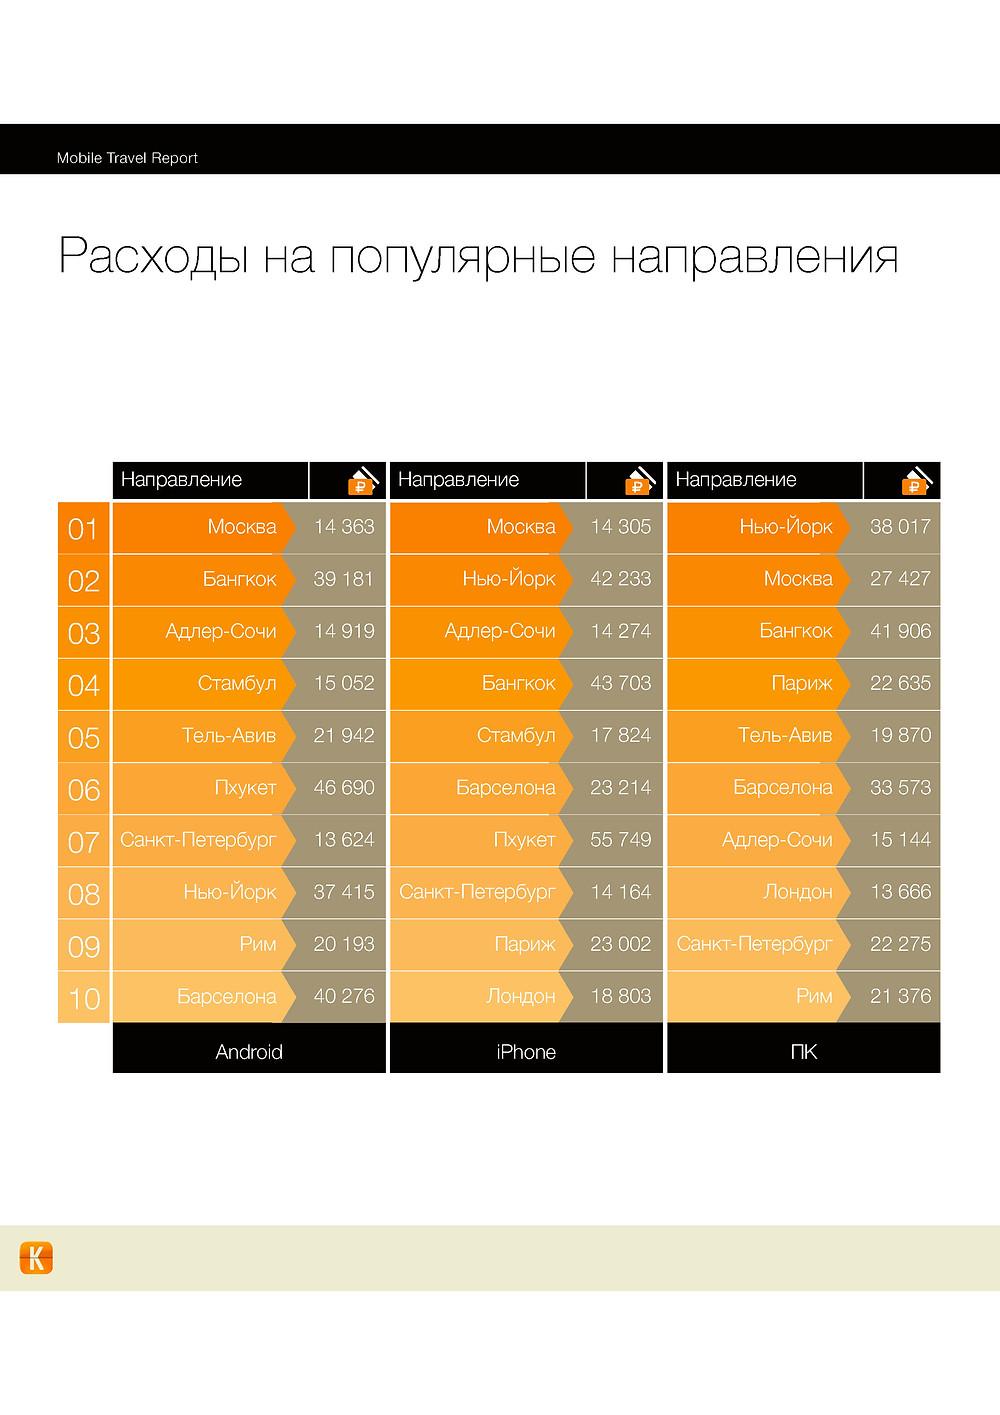 MobileTravelReport_Инфографика-10.jpg